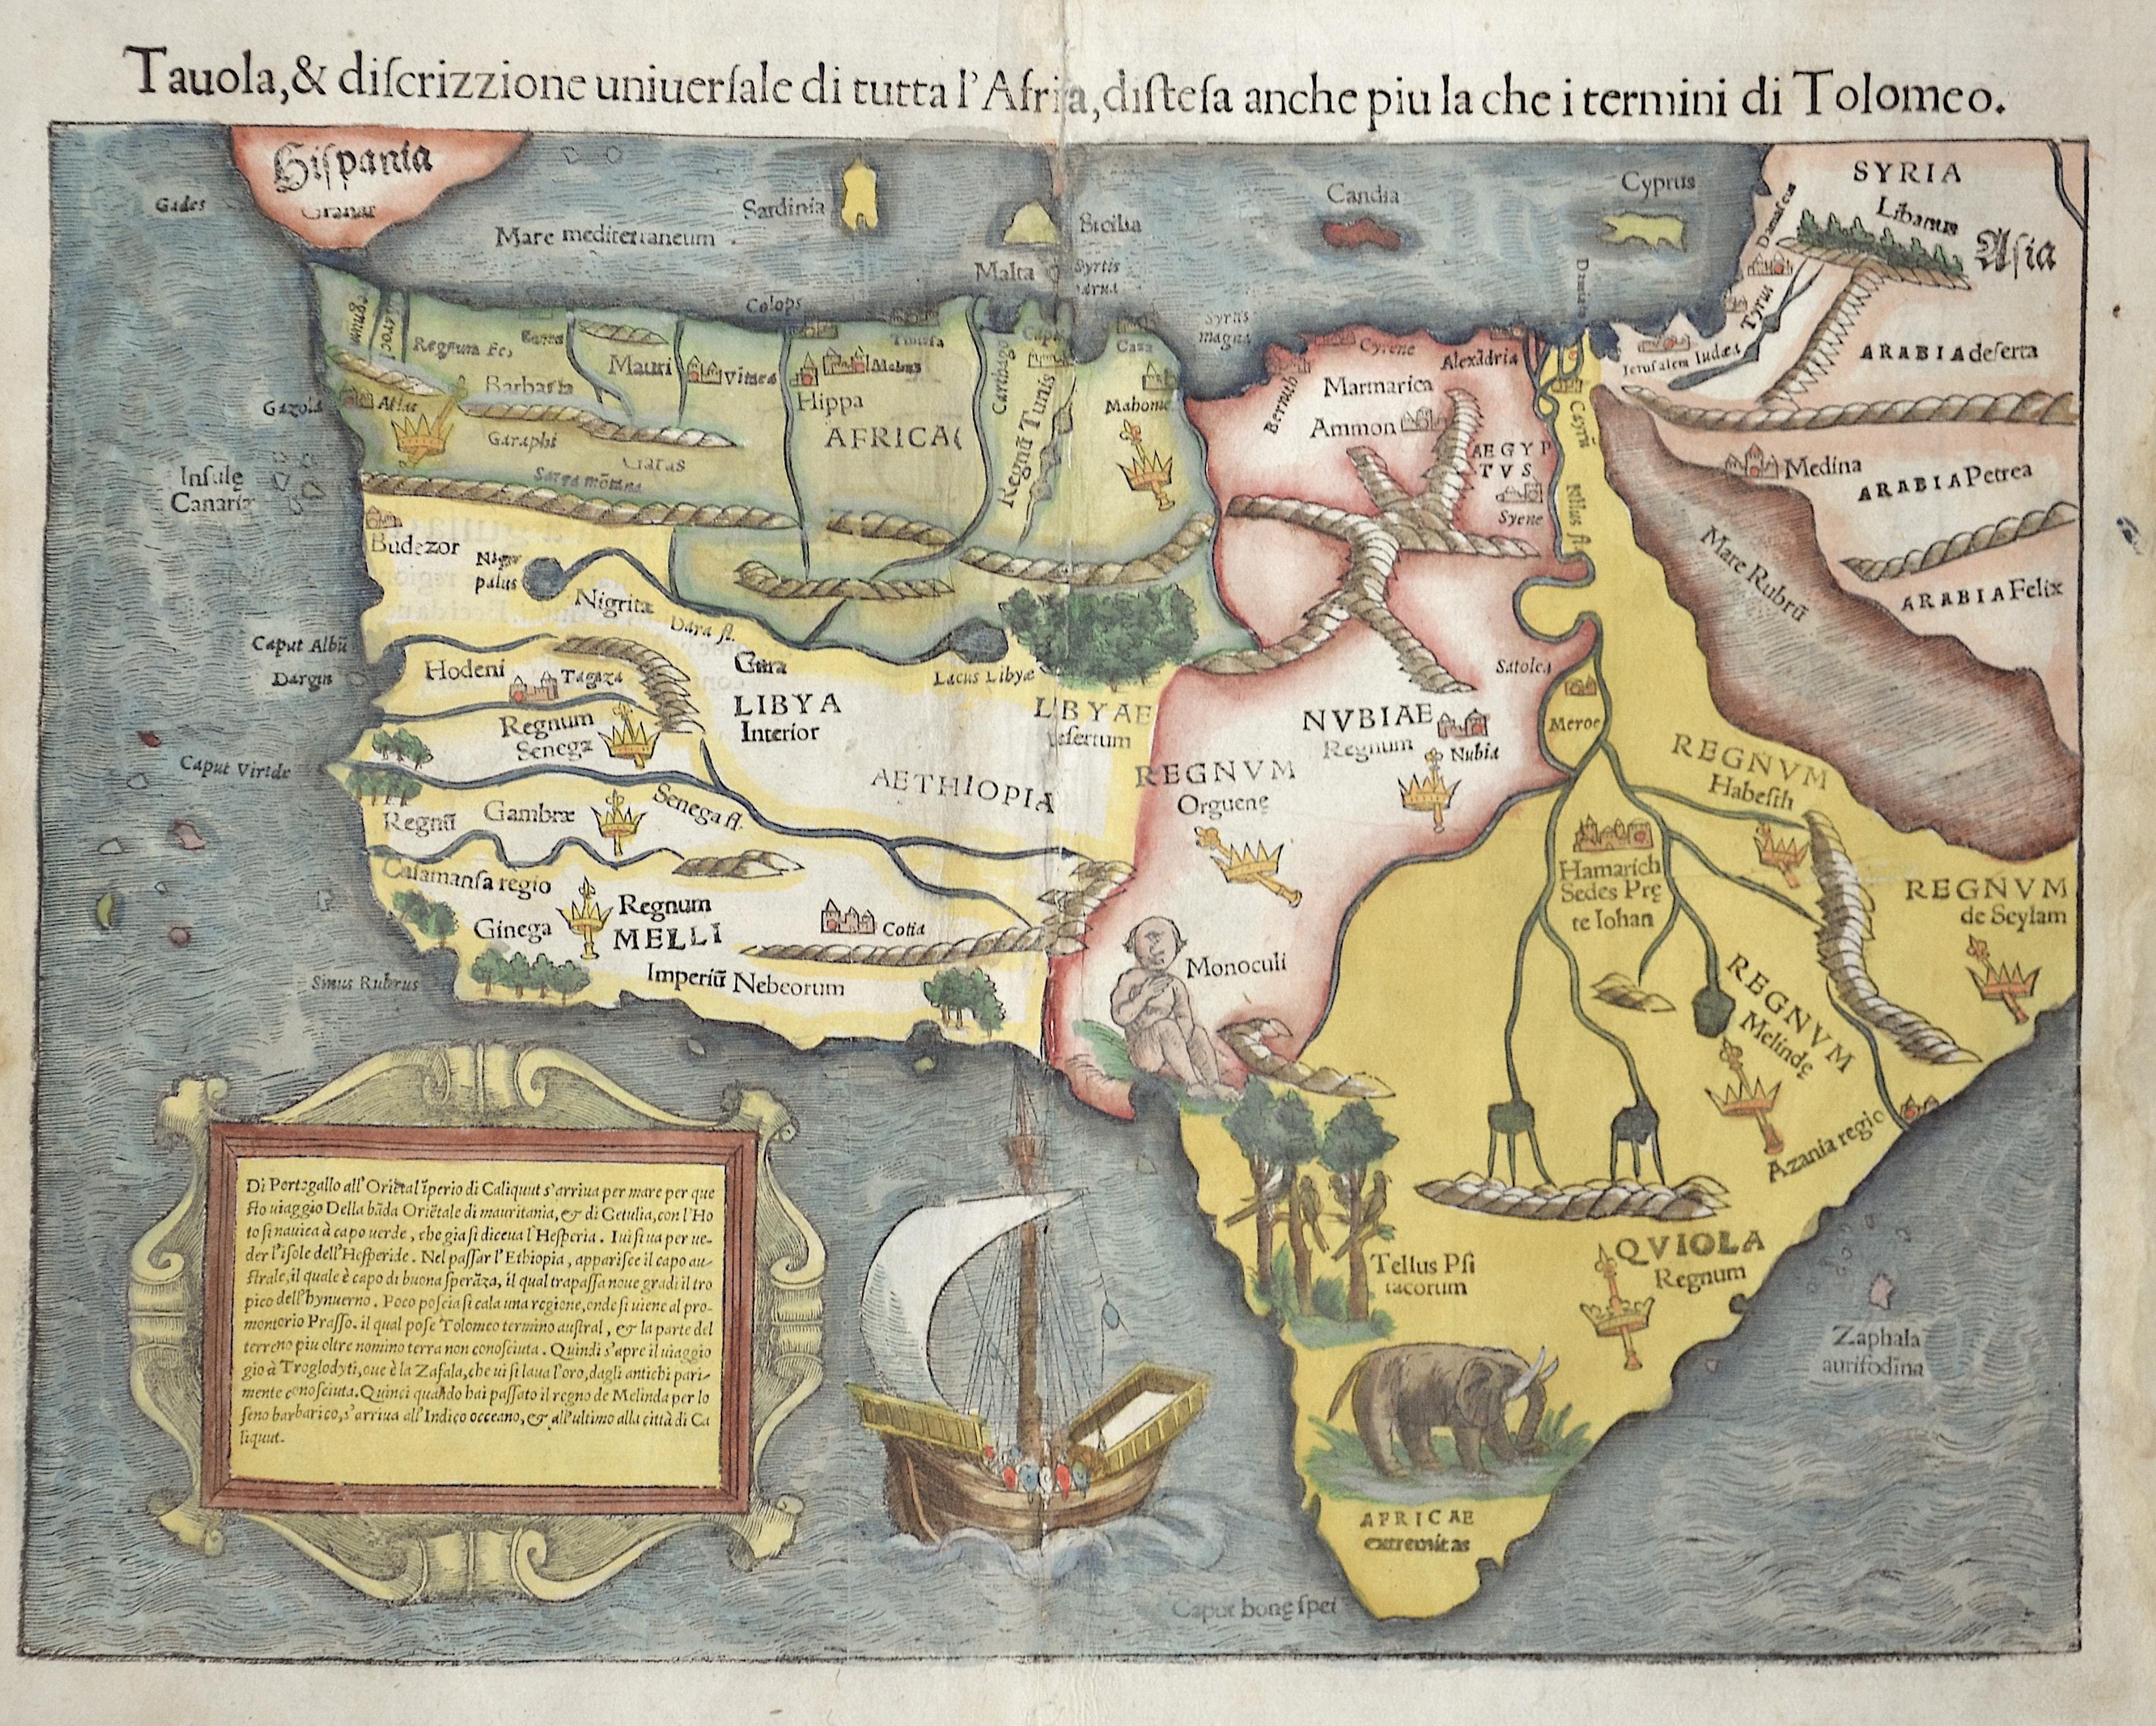 Ptolemy/Münster Sebastian  Tauola, & discrizzione universale du tutta l´Africa, distesa anhce oiu la che i termini di Totlomeo